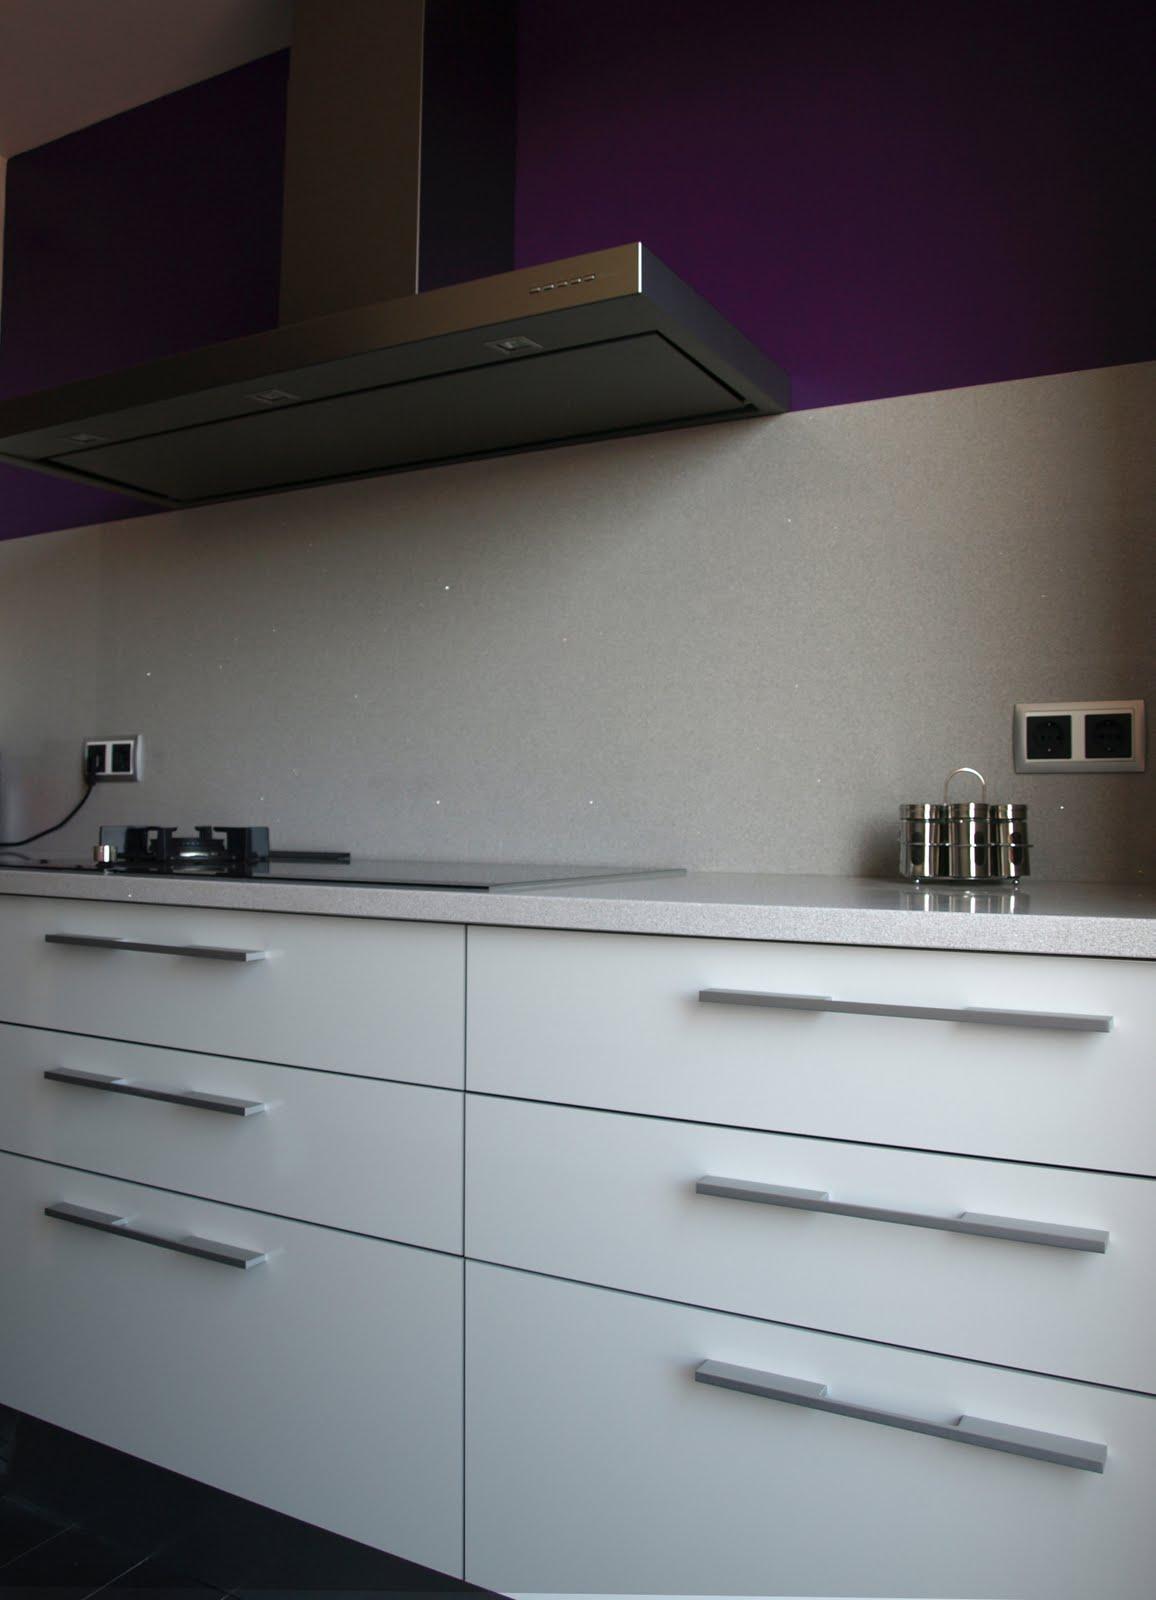 Cocina en paralelo con barra decoraci n for Diseno cocinas paralelo